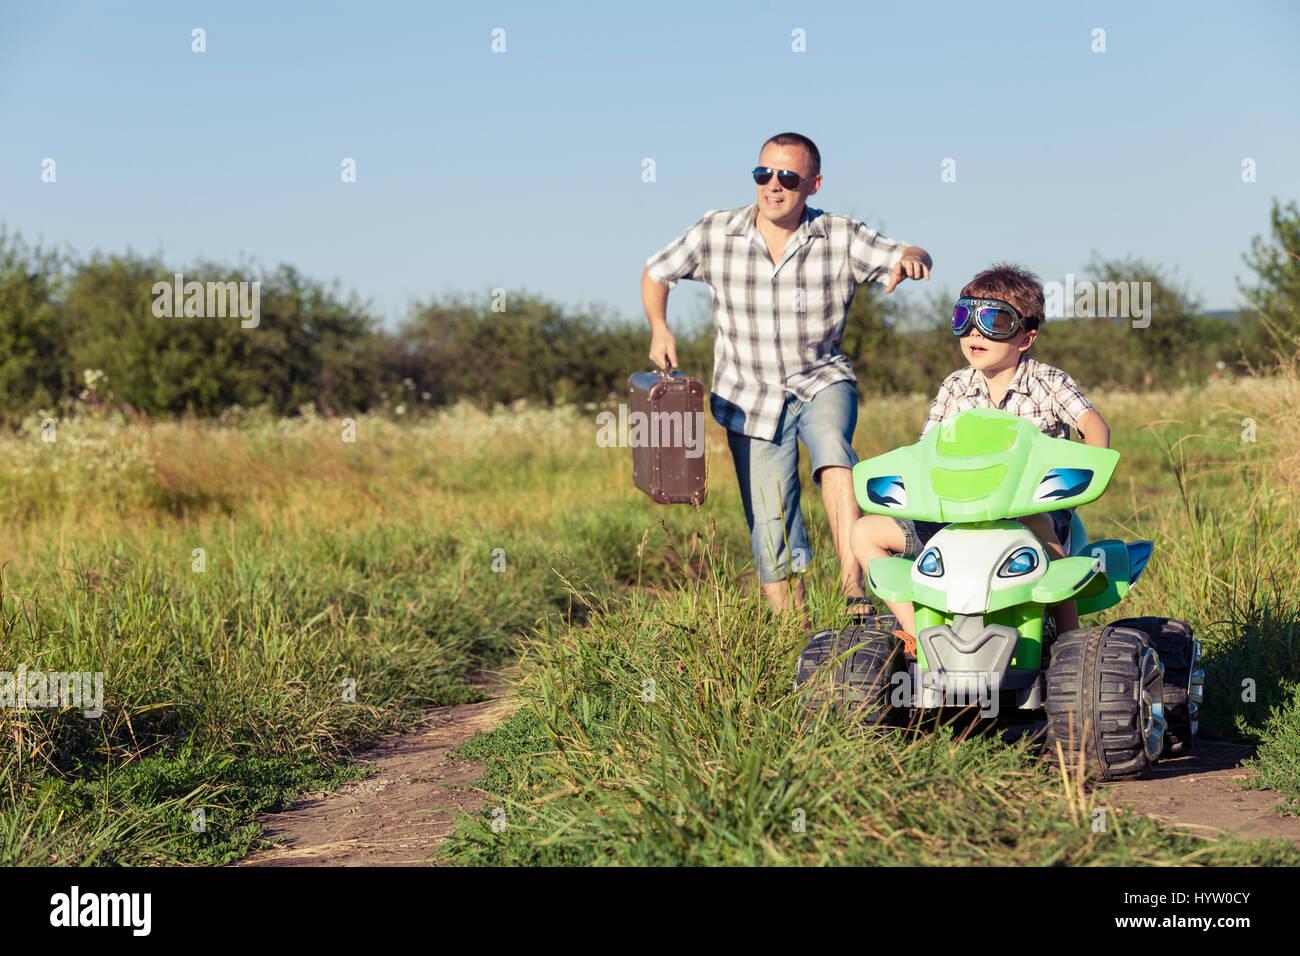 Padre e figlio giocando sulla strada al giorno. Essi guida su quad bike nel parco. Le persone aventi il divertimento Foto Stock